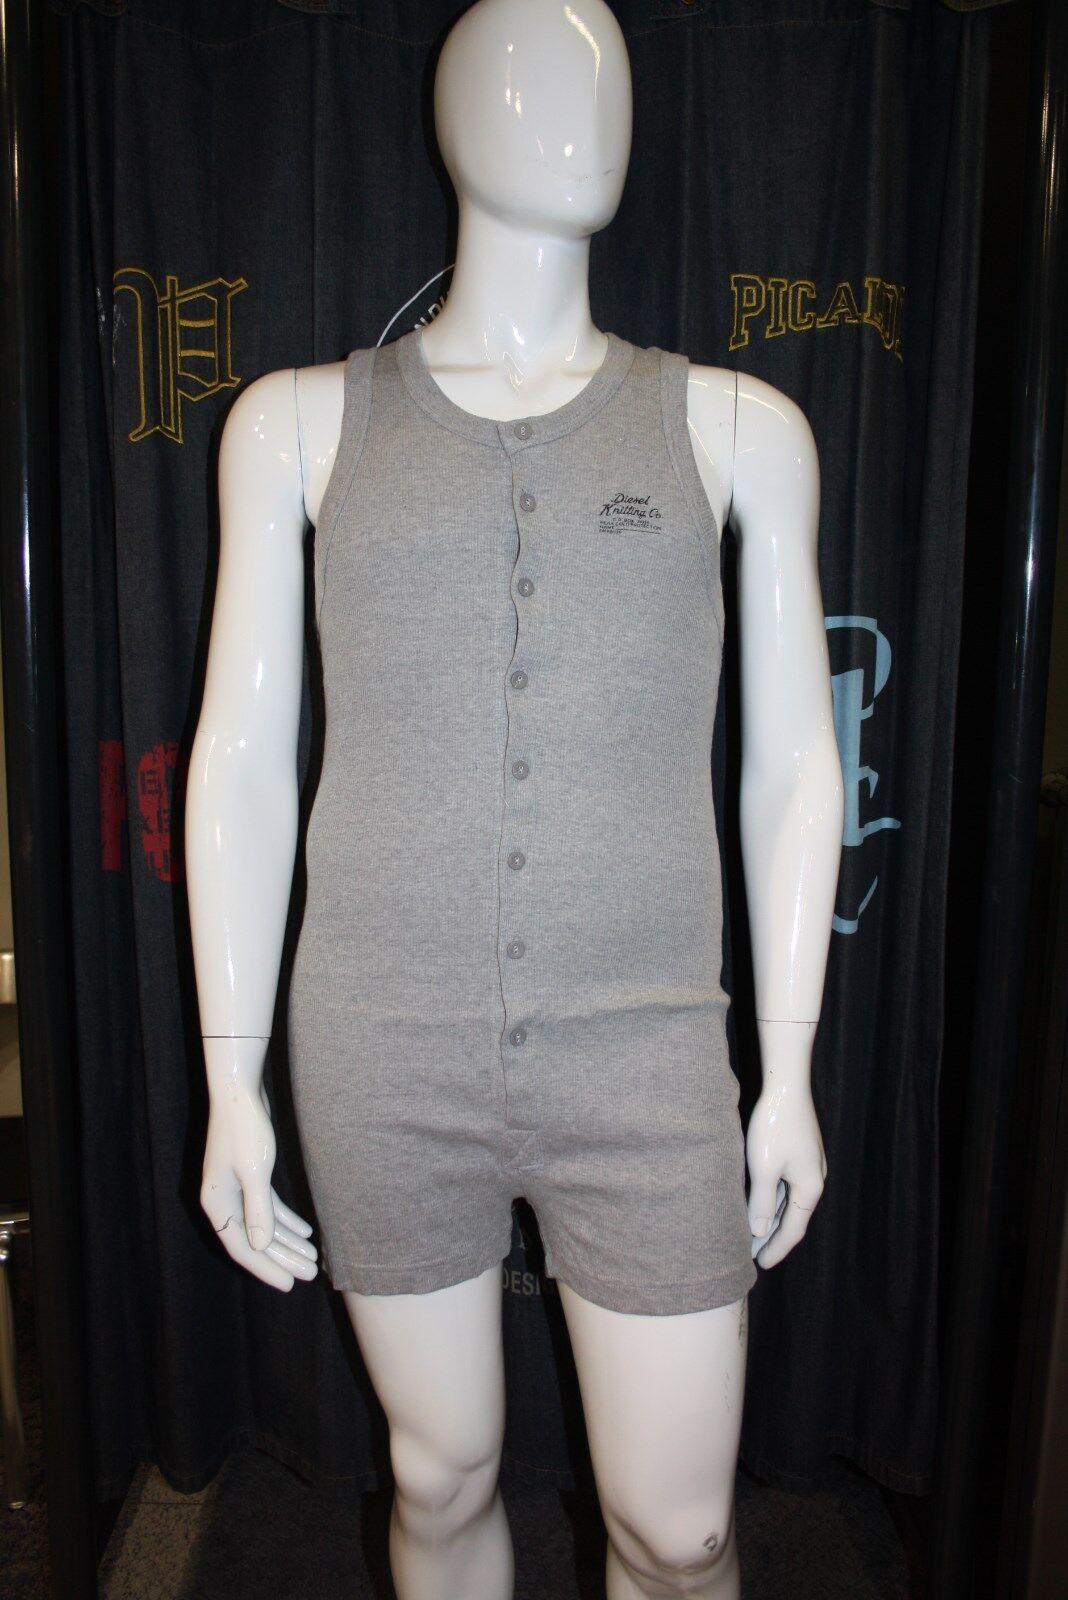 Diesel Intimo Body Underwear grau grau 100% 100% 100% Baumwolle Berlin Intimate Longjohn     | Kostengünstig  | Genial  | Ein Gleichgewicht zwischen Zähigkeit und Härte  | Der Schatz des Kindes, unser Glück  | Merkwürdige Form  7831d3